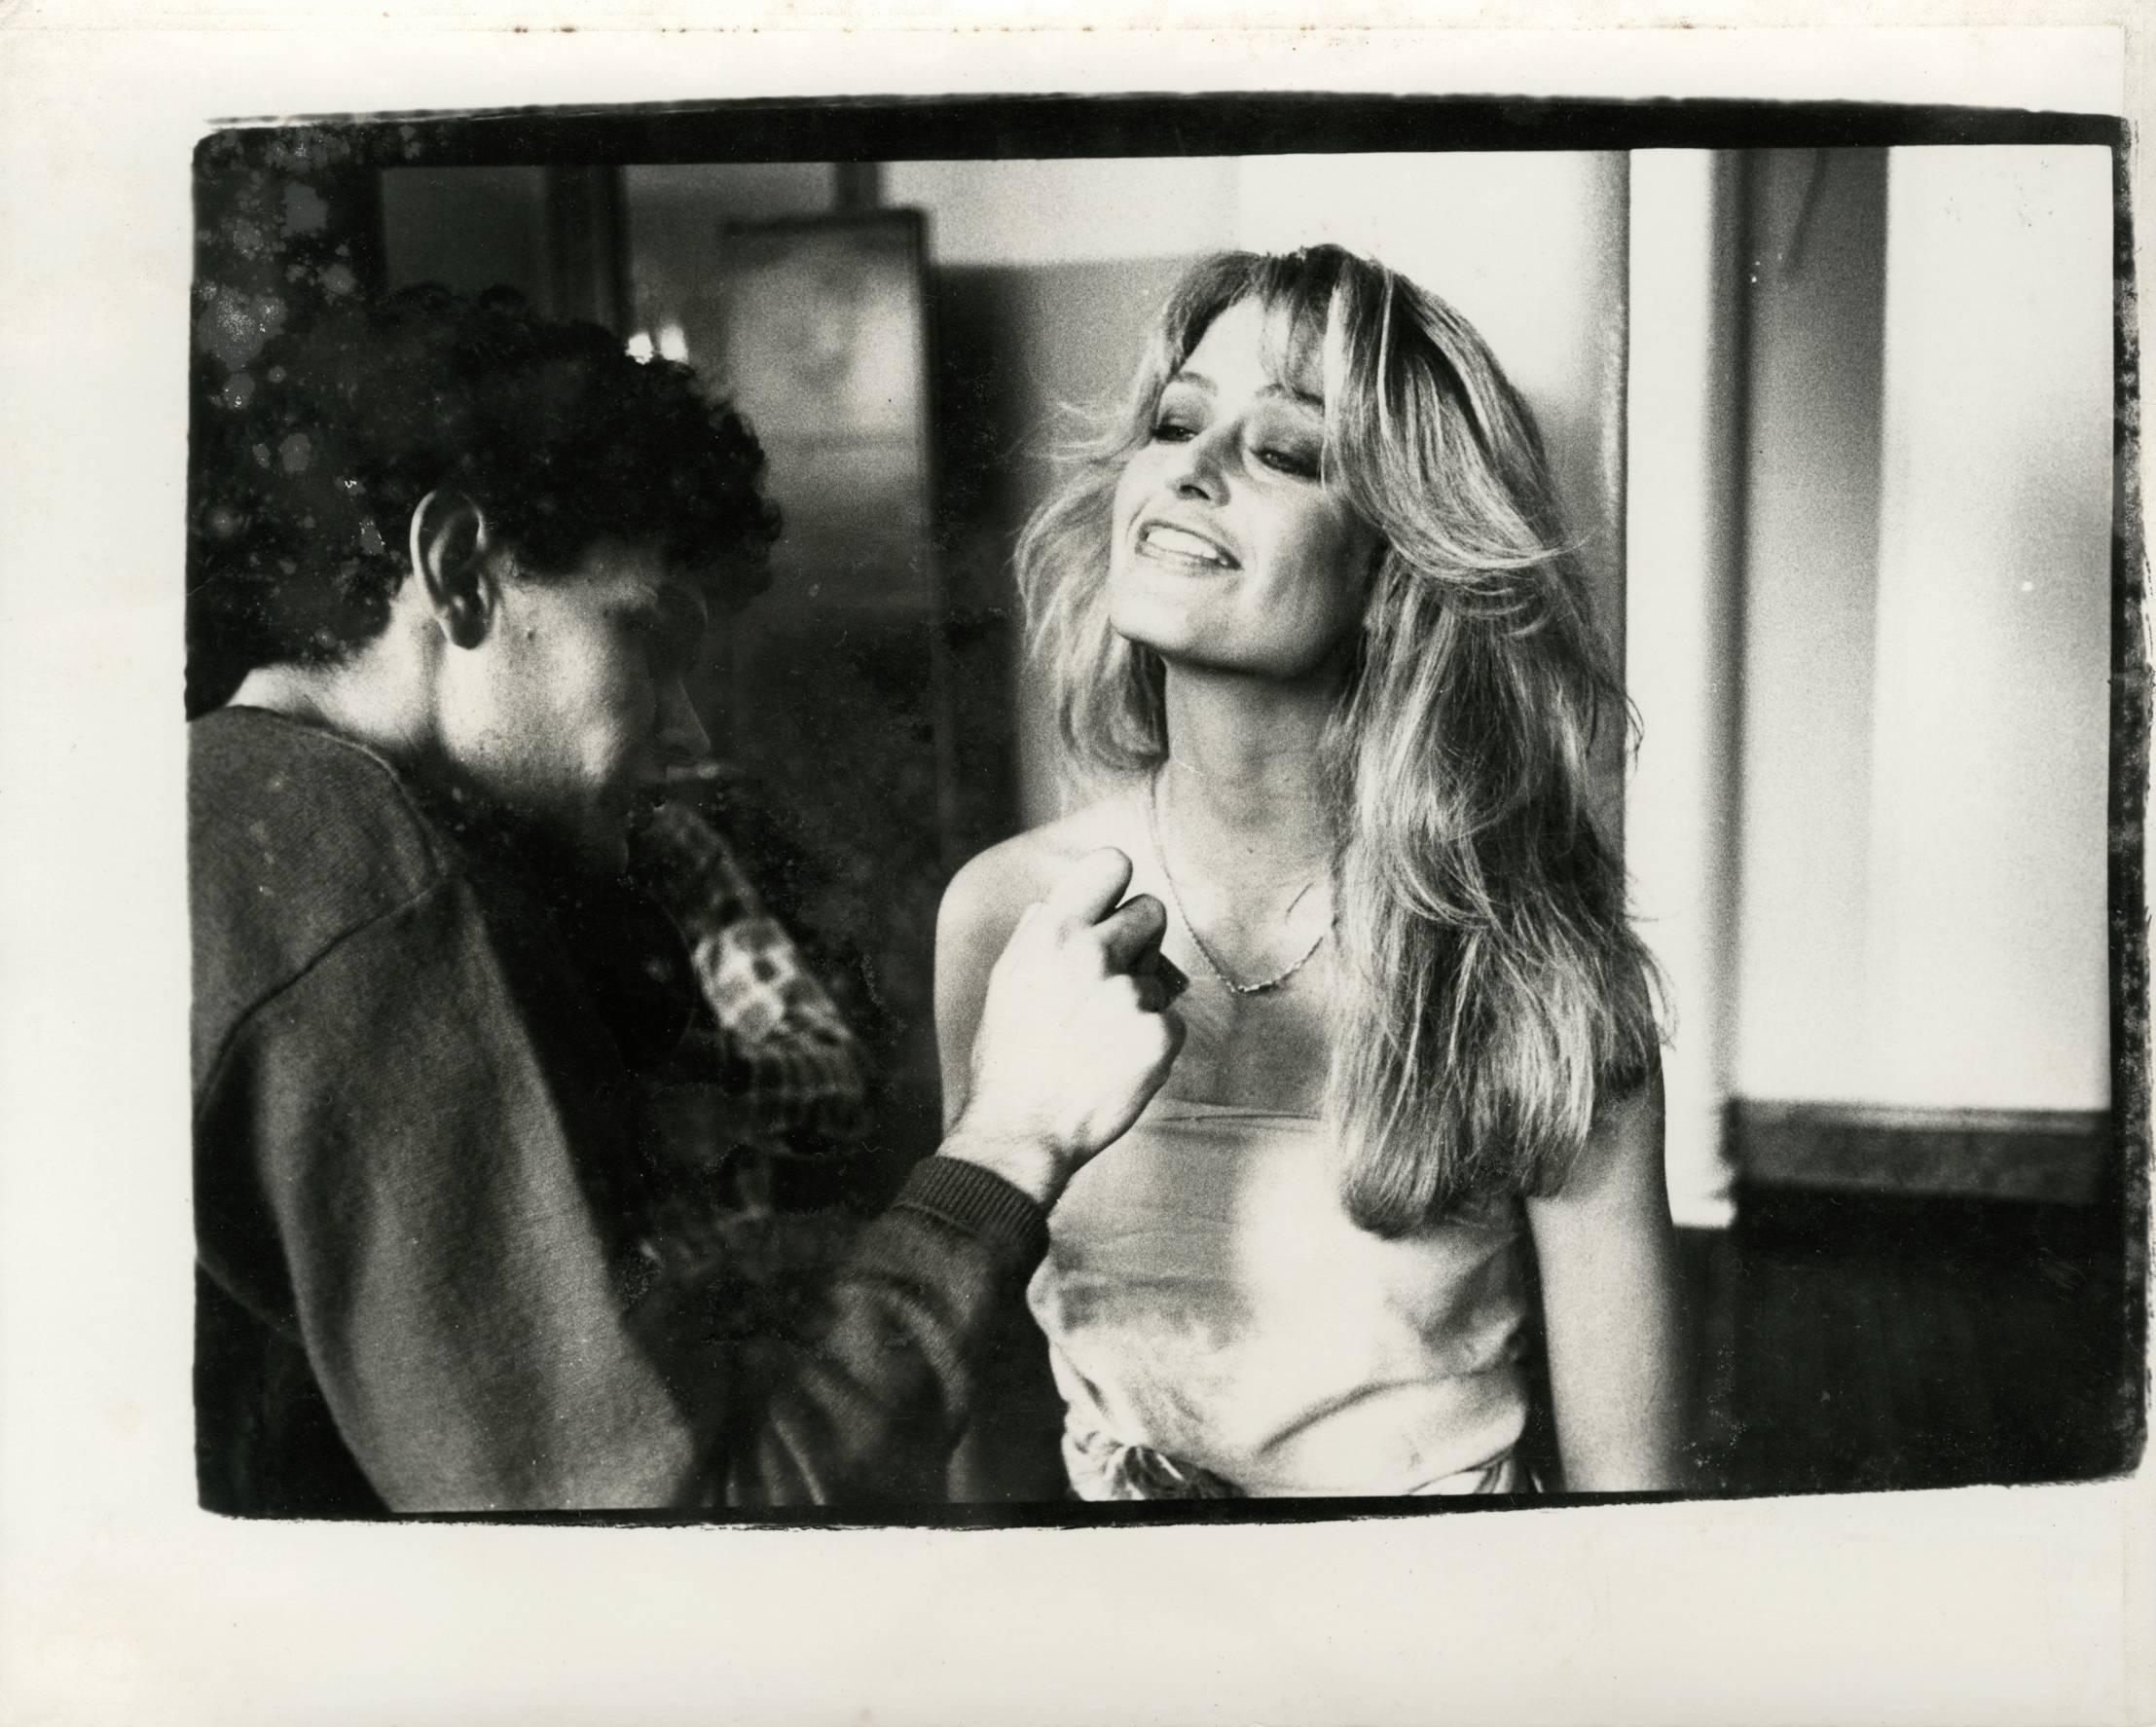 Andy Warhol, Photograph of Farrah Fawcett Majors circa 1979